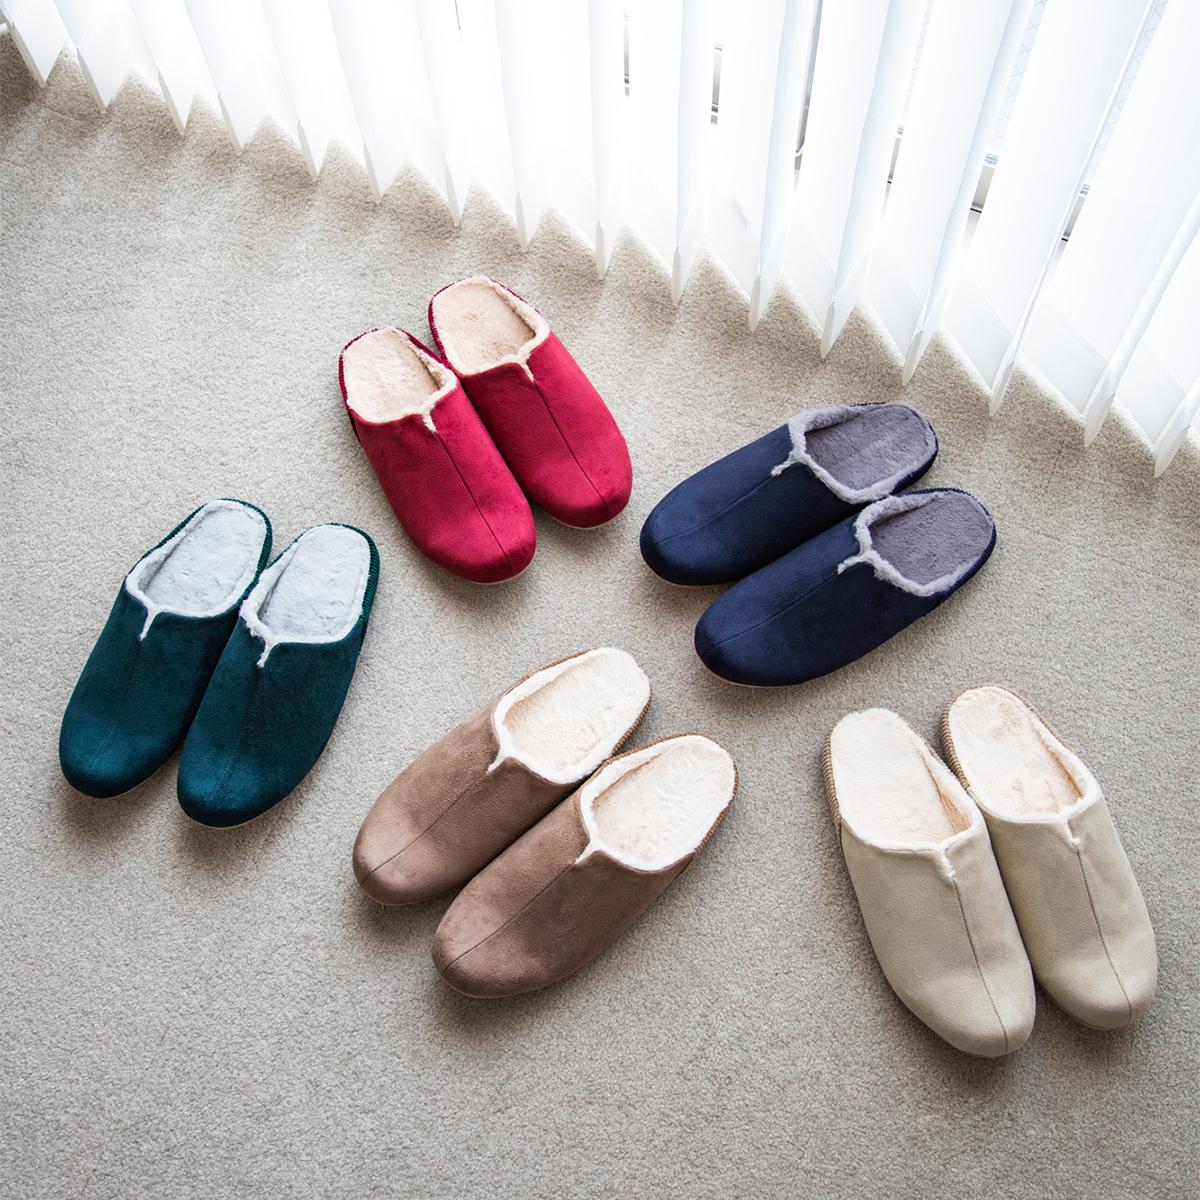 美しいデザインも魅力。靴の製法でつくった、ボアつきなのに歩きやすい「モコモコスリッパ」|room's moco